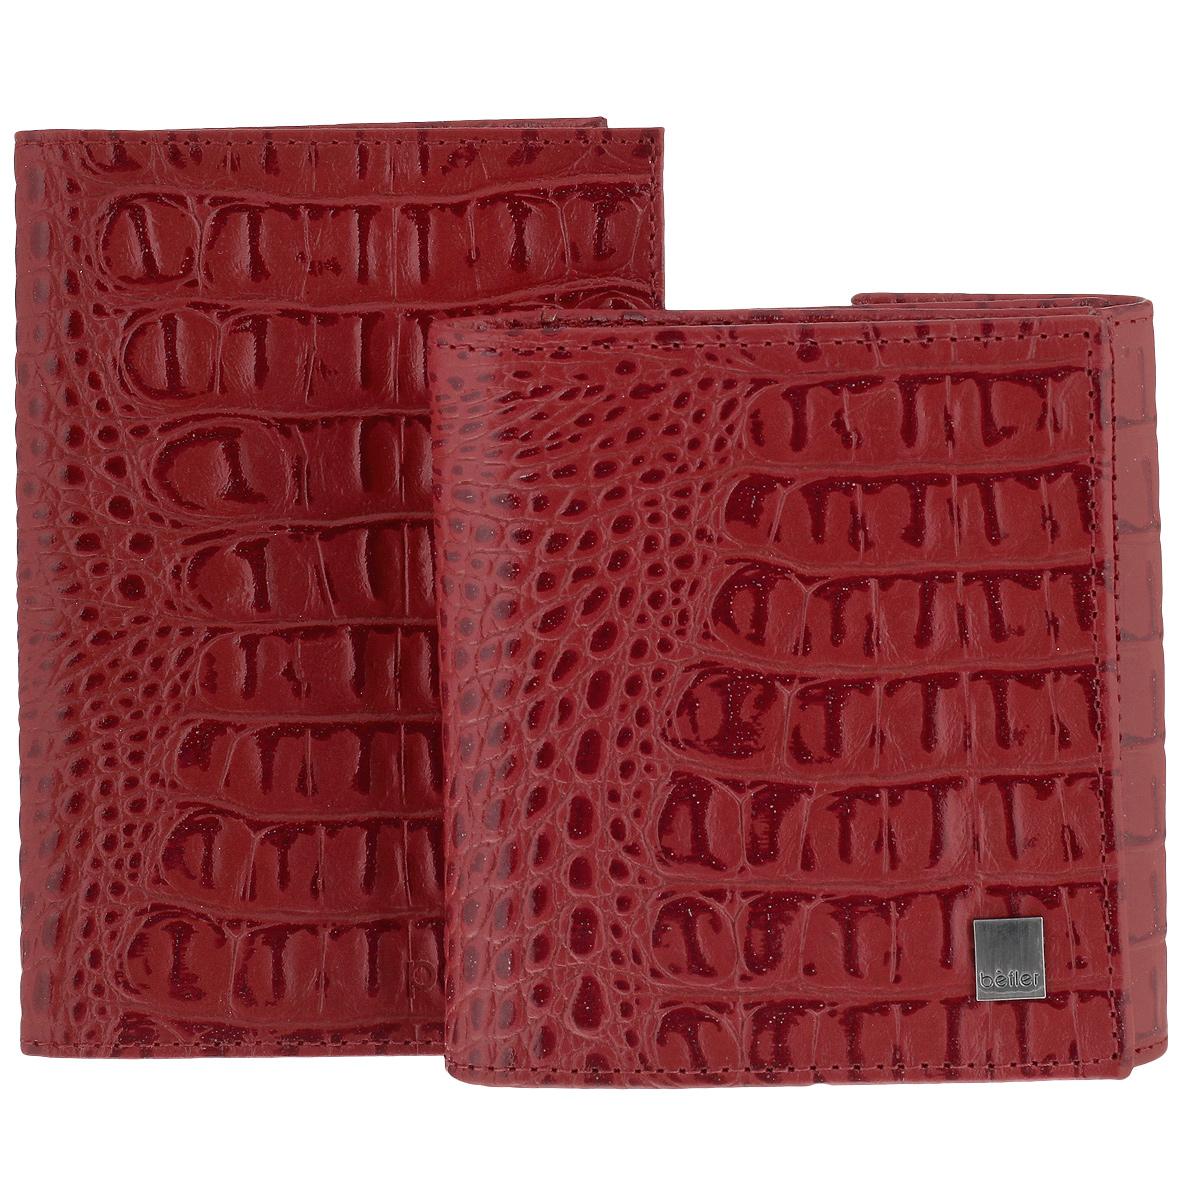 """Подарочный набор Befler Кайман: портмоне, обложка для паспорта, цвет: красный. O.1-13/PJ.120.-13O.1-13/PJ.120.-13 красныйПодарочный женский набор Кайман состоит из обложки для паспорта и портмоне. Предметы набора выполнены из натуральной кожи и оформлены декоративным тиснением """"под крокодила"""". Обложка для паспорта не только поможет сохранить внешний вид ваших документов и защитить их от повреждений, но и станет стильным аксессуаром, идеально подходящим вашему образу. На развороте два вертикальных кармана из прозрачного пластика. Полнокупюрное женское портмоне украшено фирменным металлическим логотипом. Портмоне закрывается широким клапаном на кнопку. Внутри -отделение для купюр и 6 карманов для кредитных карт. На внешней стороне расположен карман для мелочи на кнопке. Подарочный набор Кайман станет великолепным подарком для человека, ценящего качественные и практичные вещи."""